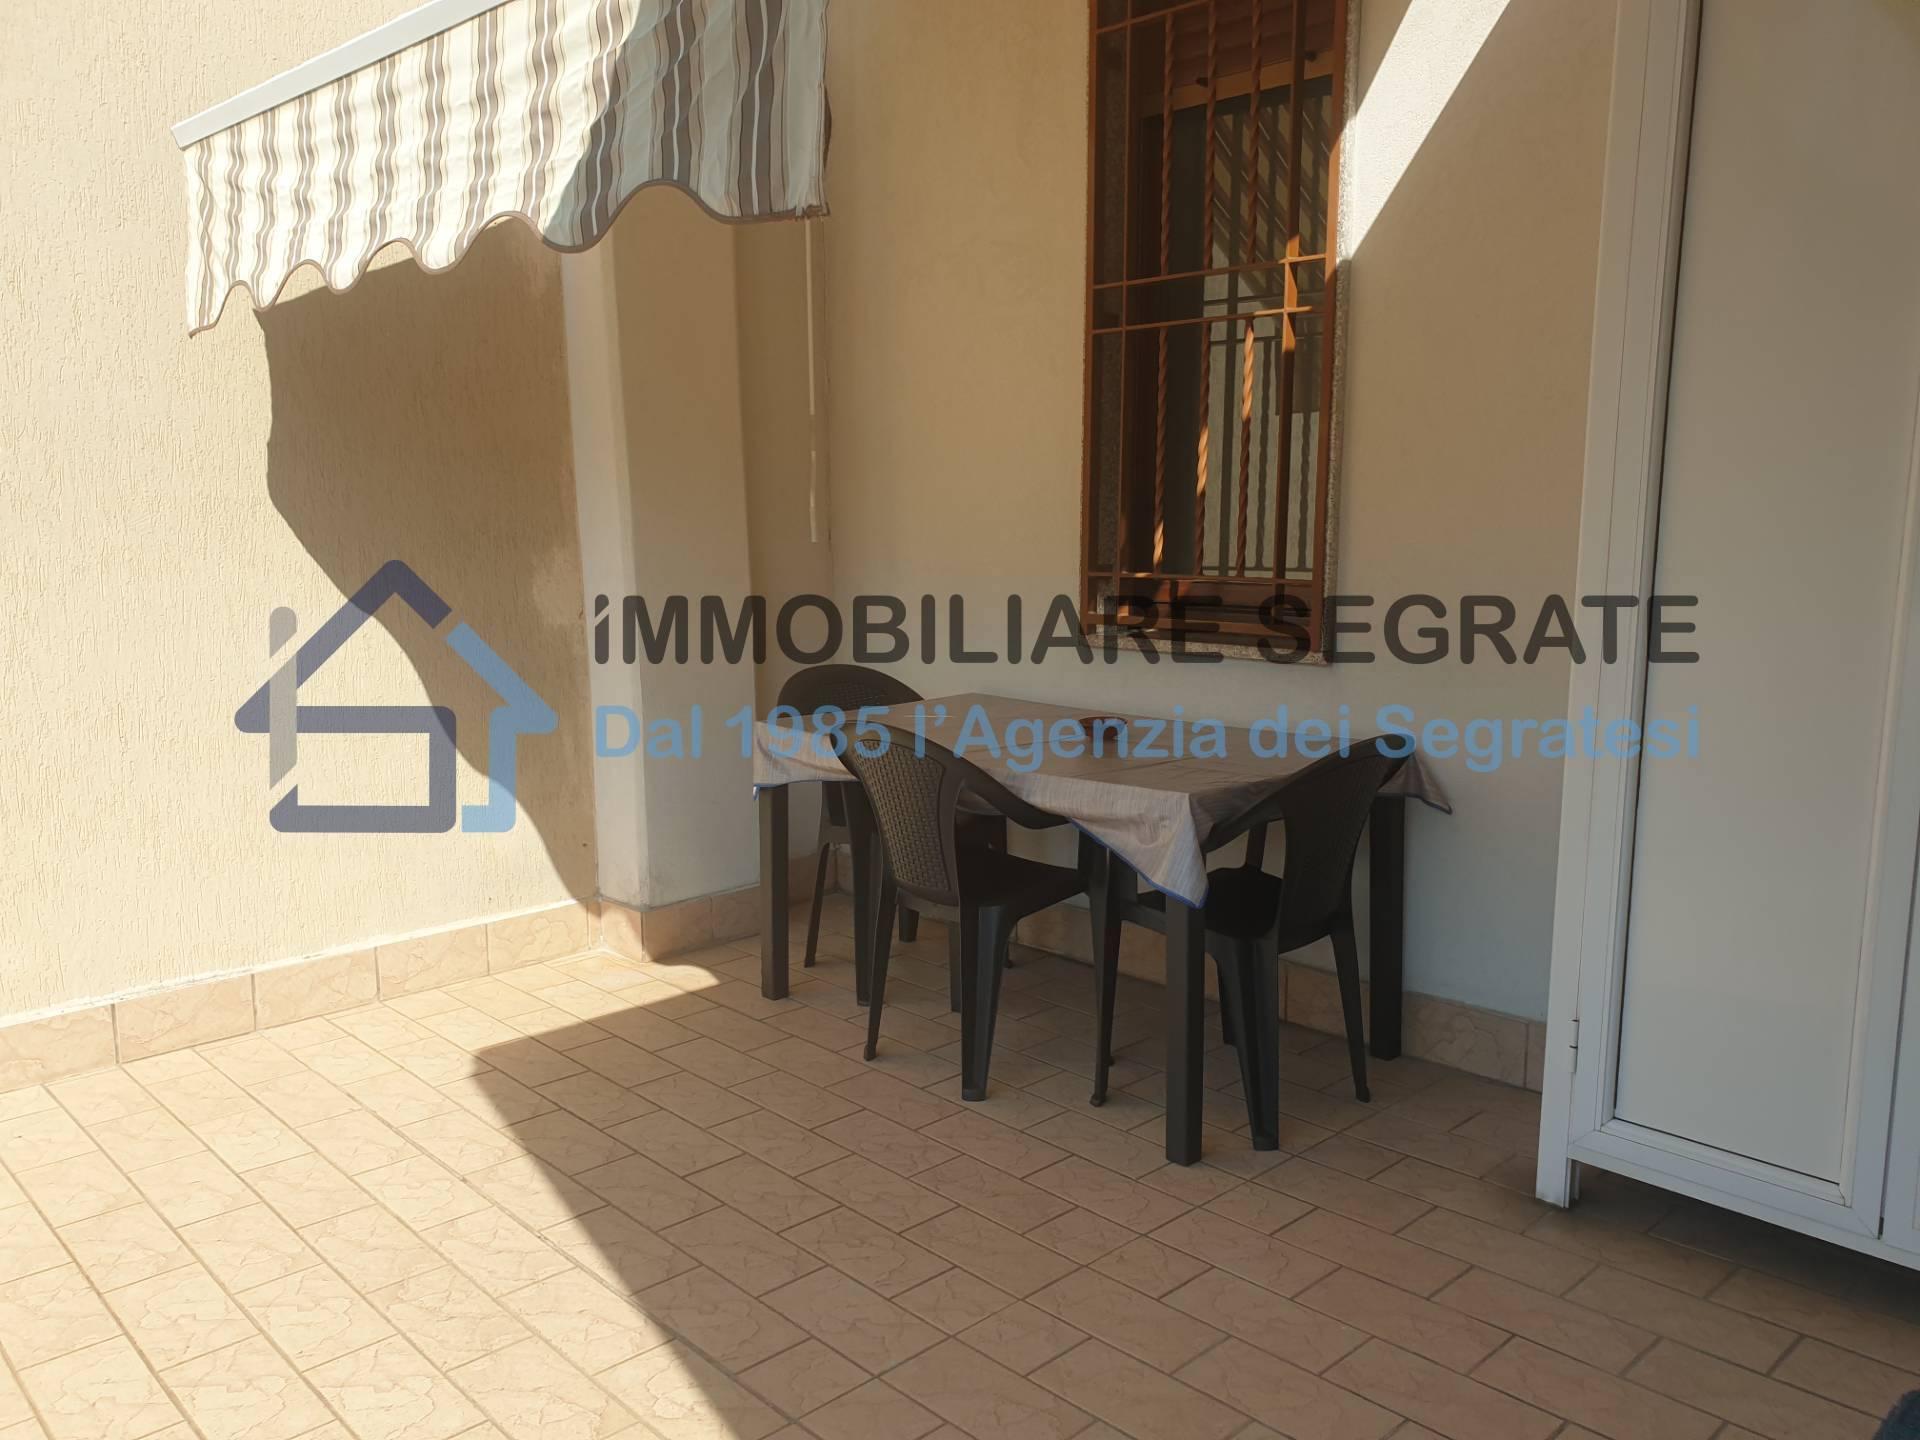 Appartamento in affitto a Segrate, 3 locali, zona Località: Centro, prezzo € 800   PortaleAgenzieImmobiliari.it